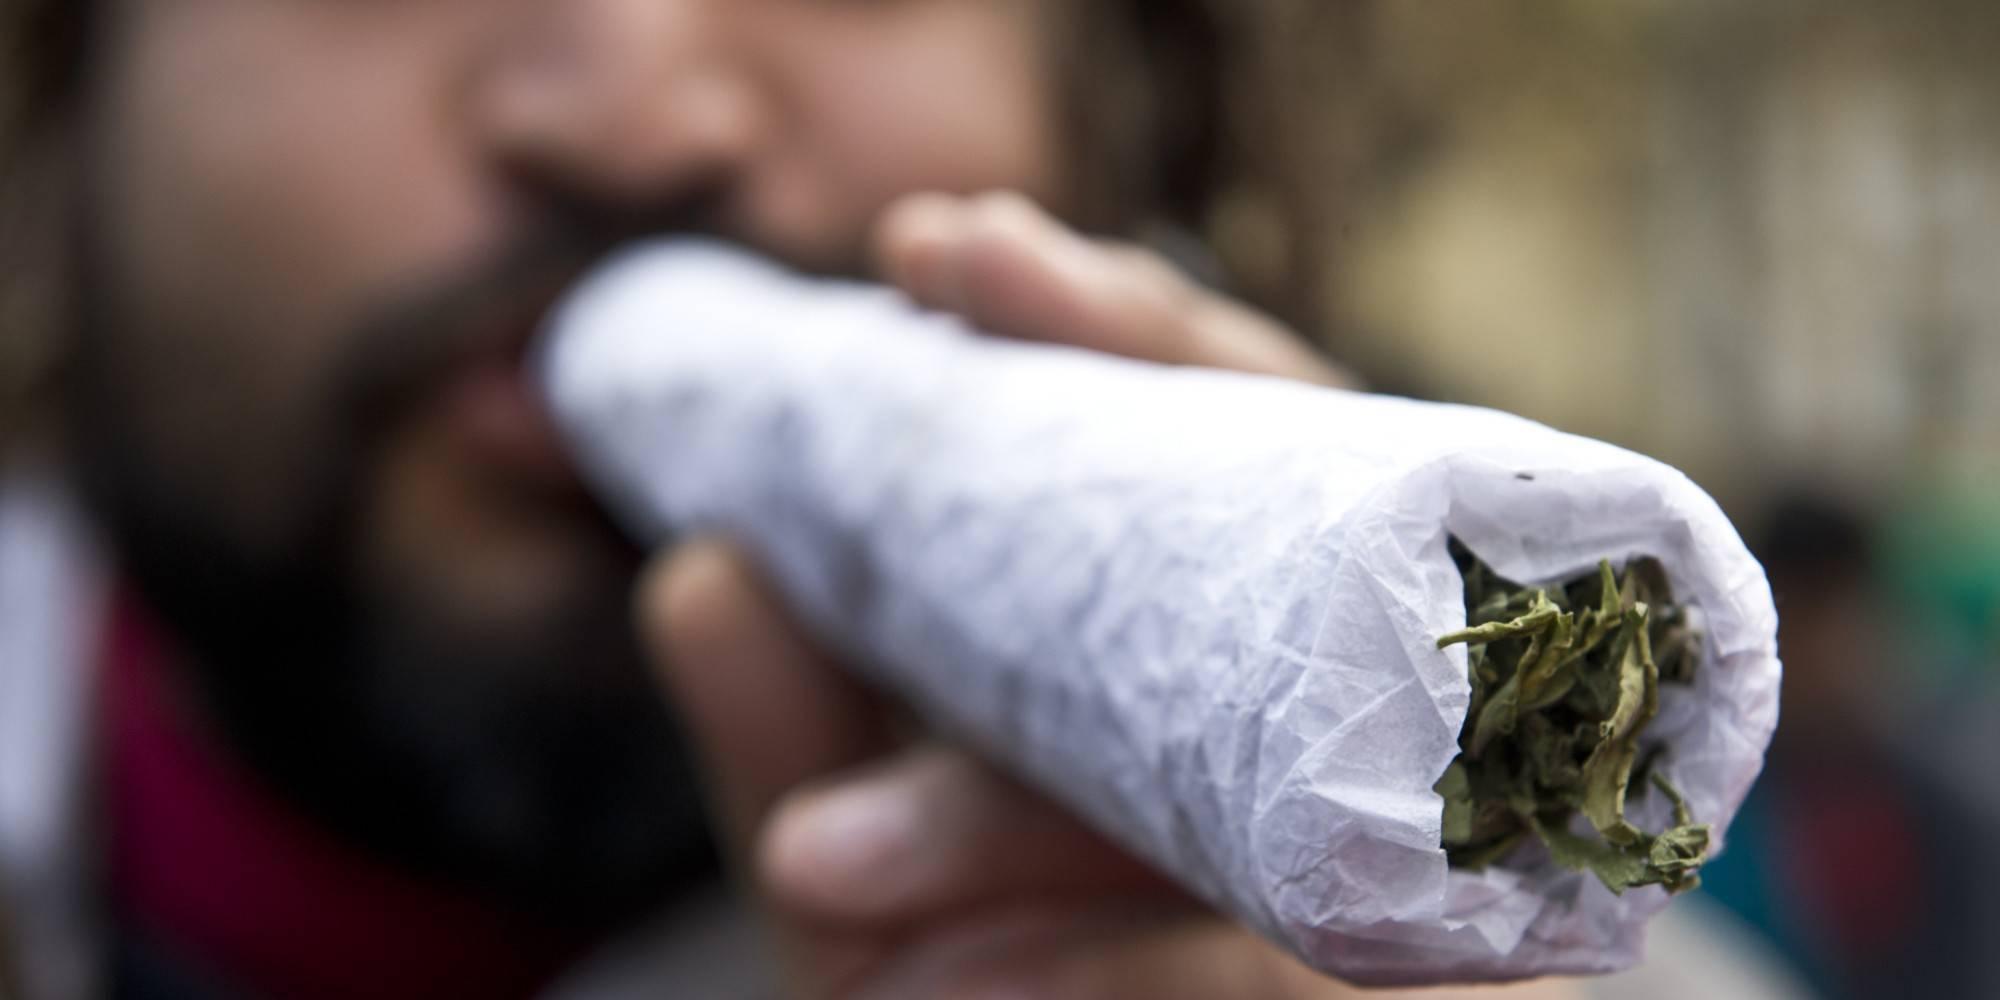 Последствия, наступающие после курения марихуаны